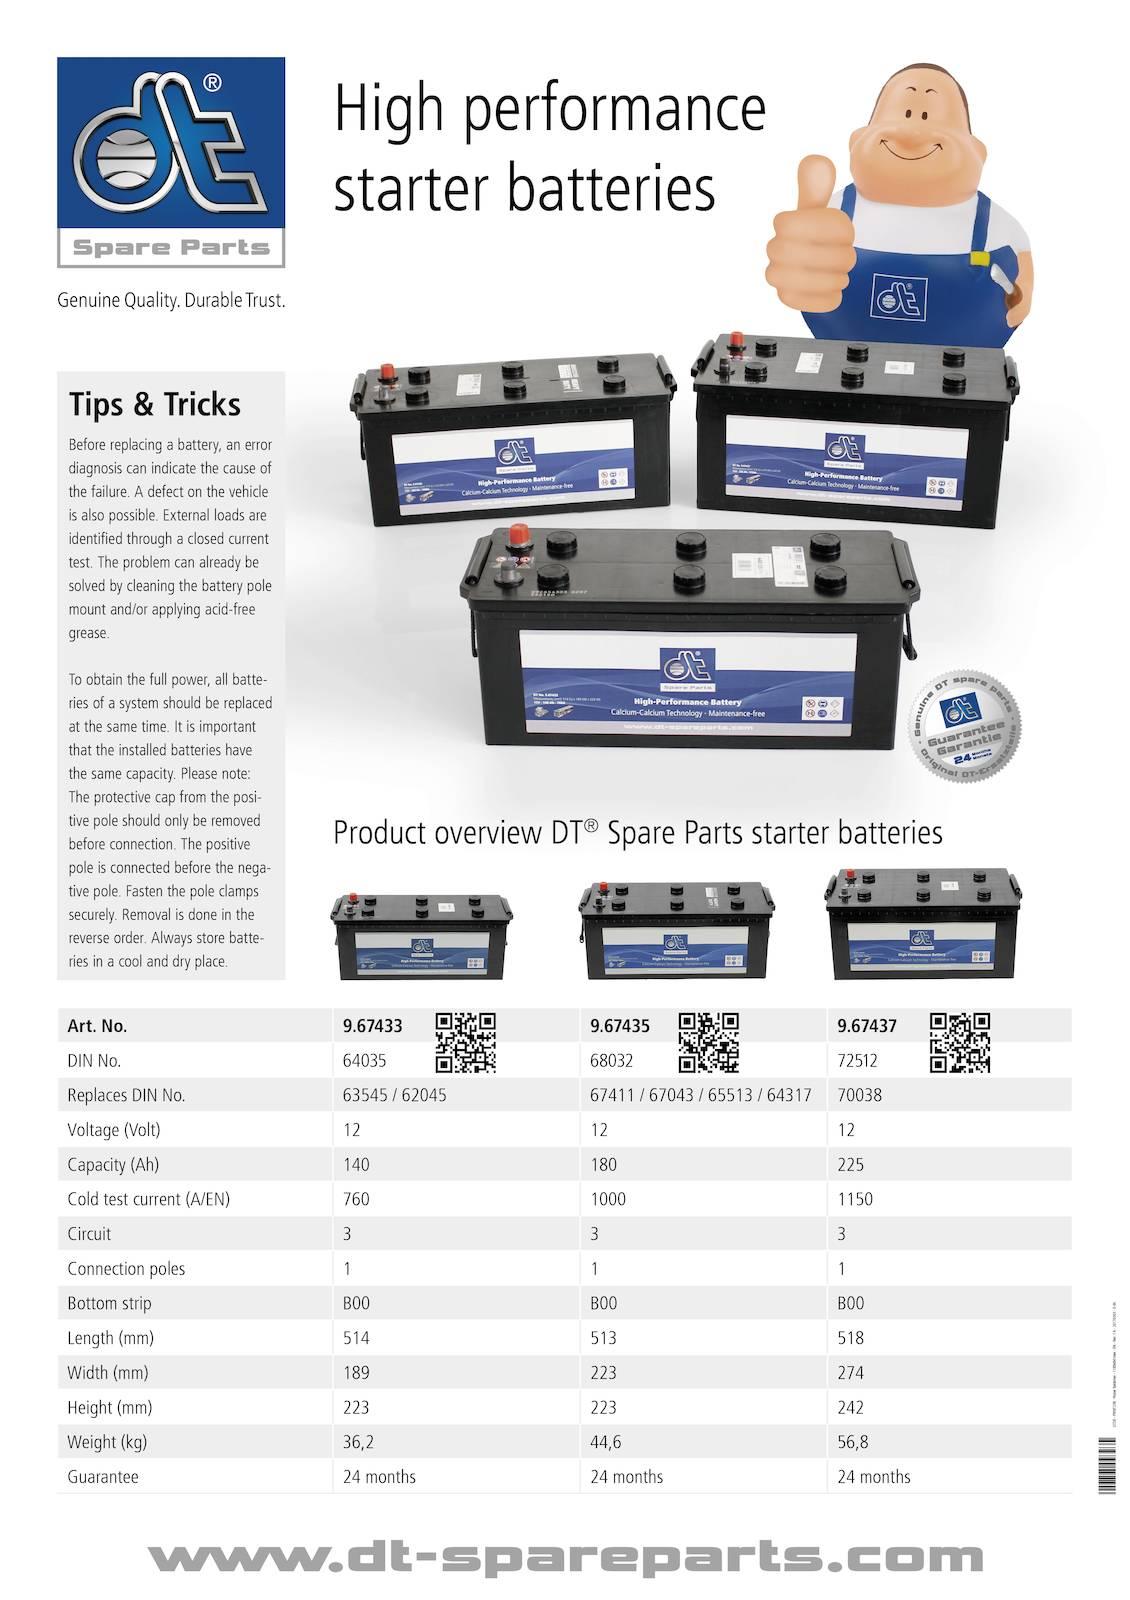 Постер Высокоэффективные стартерные батареи, EN